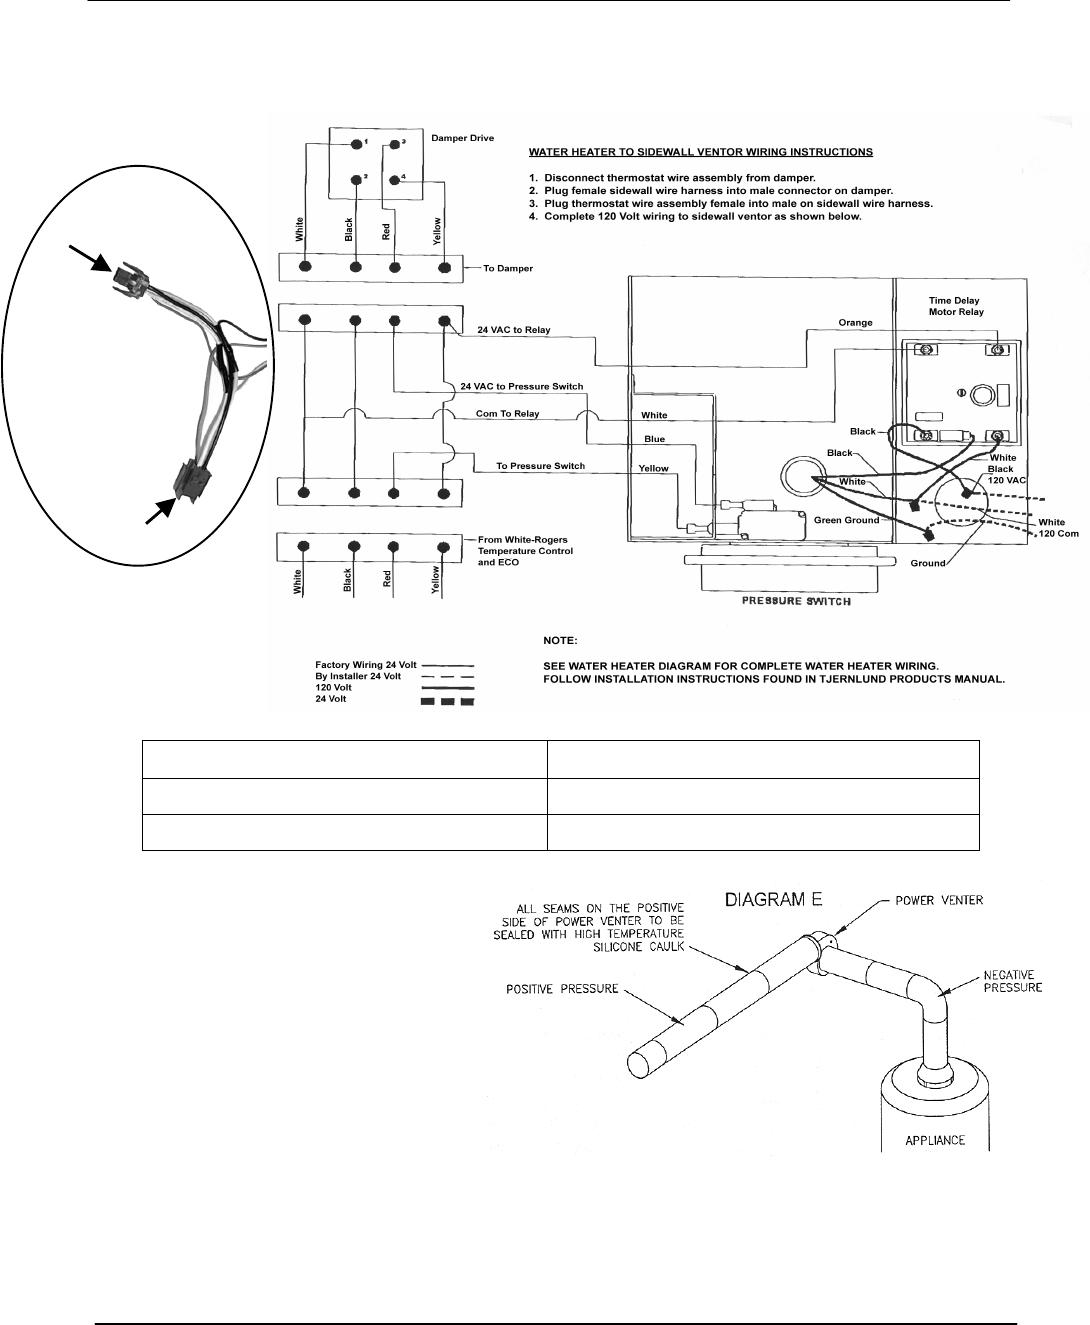 A.O. Smith 120 trough 500 POWER VENT KITS FOR SIDEWALL VENTINGmanualsdump.com